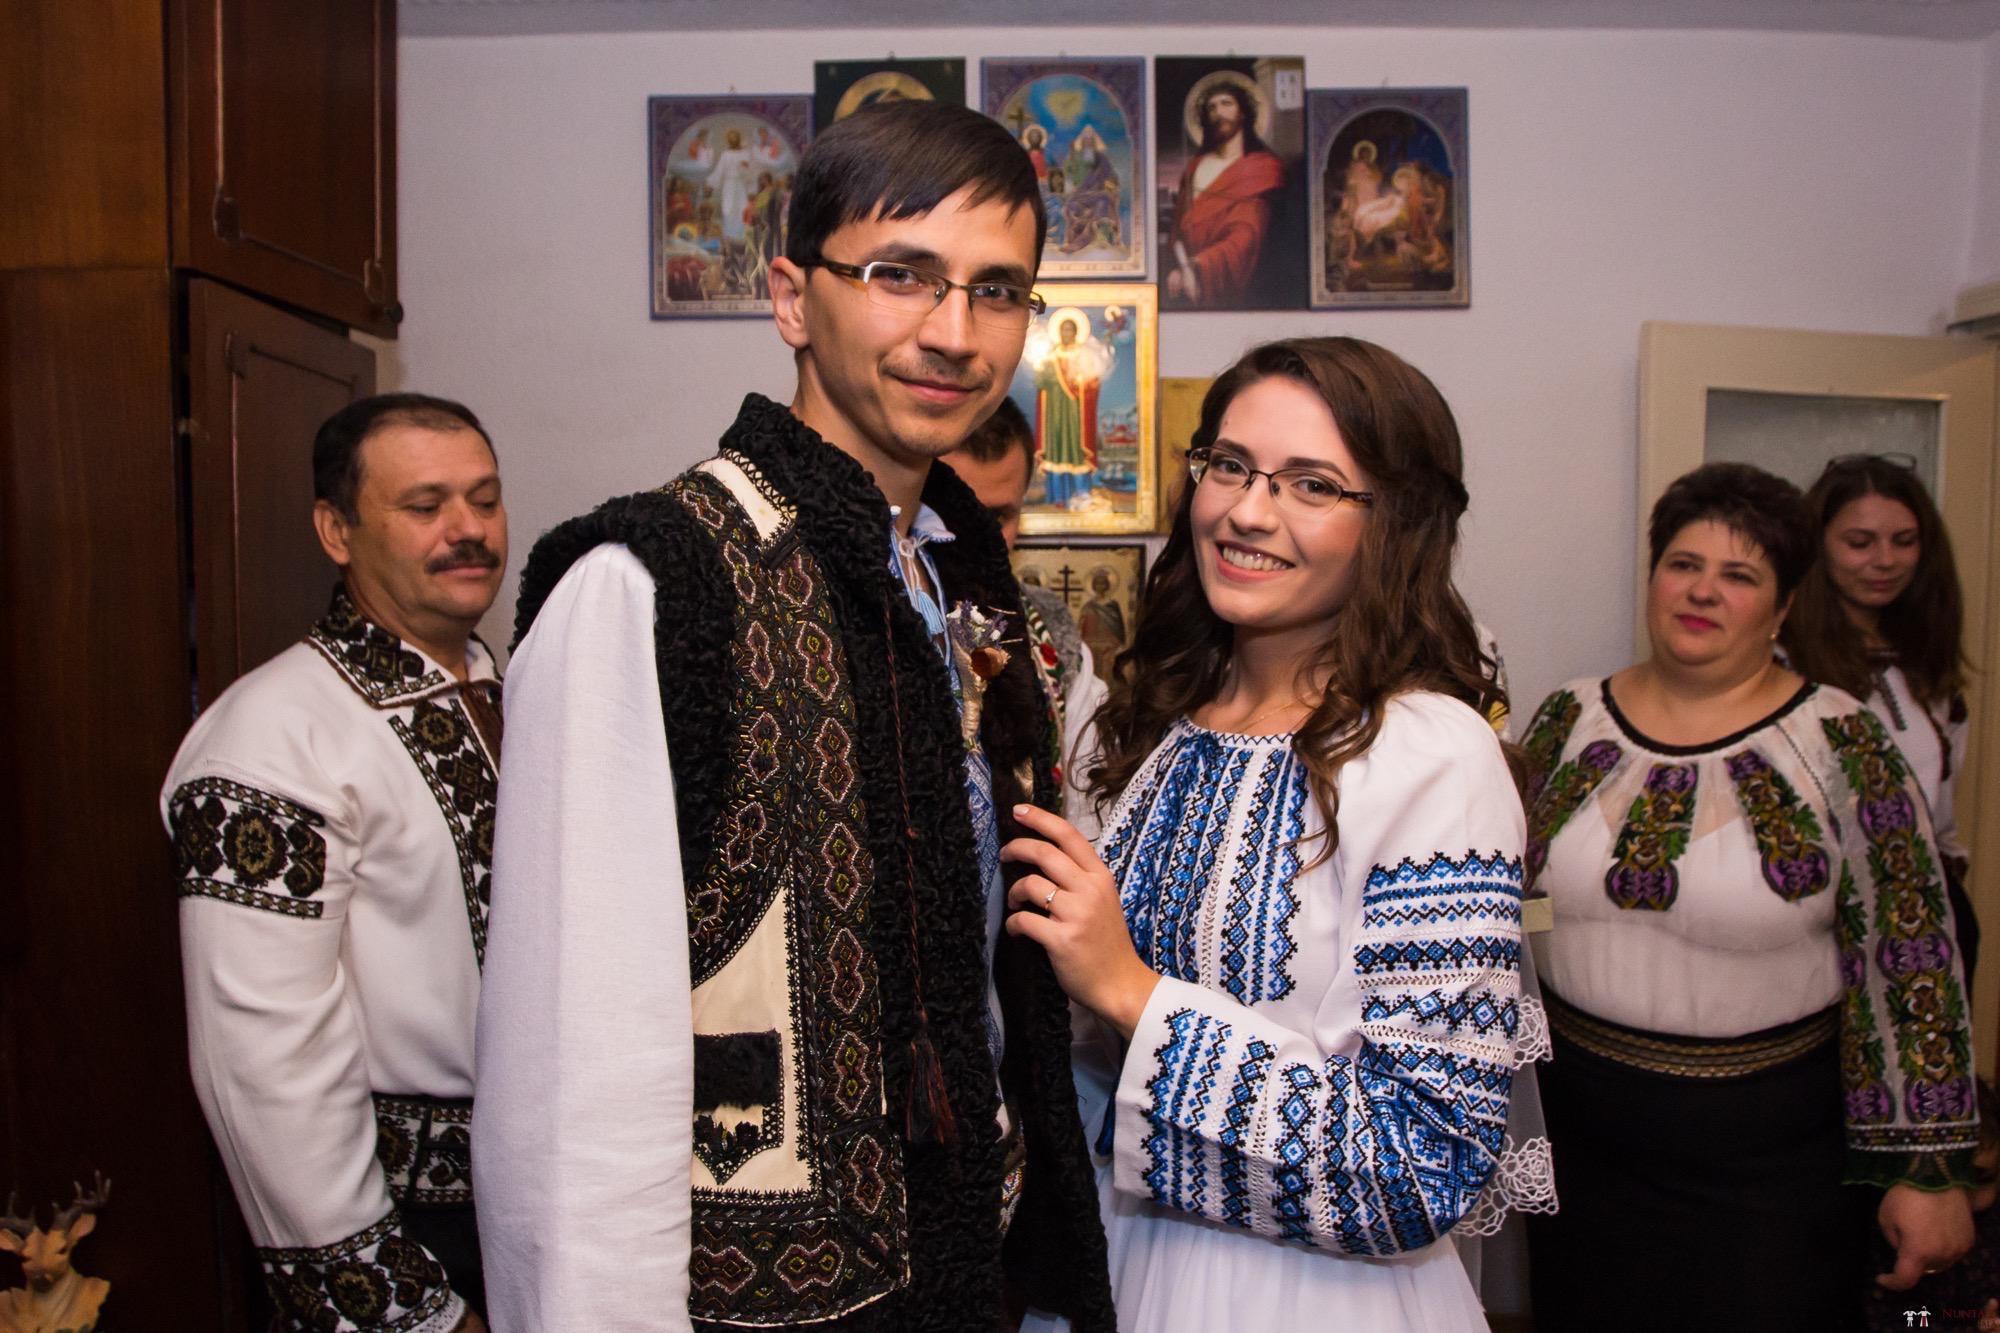 Povești Nunți Tradiționale - Ioana-Alexandra și Bogdan-Vasile. Nuntă tradițională în Fălticeni 6